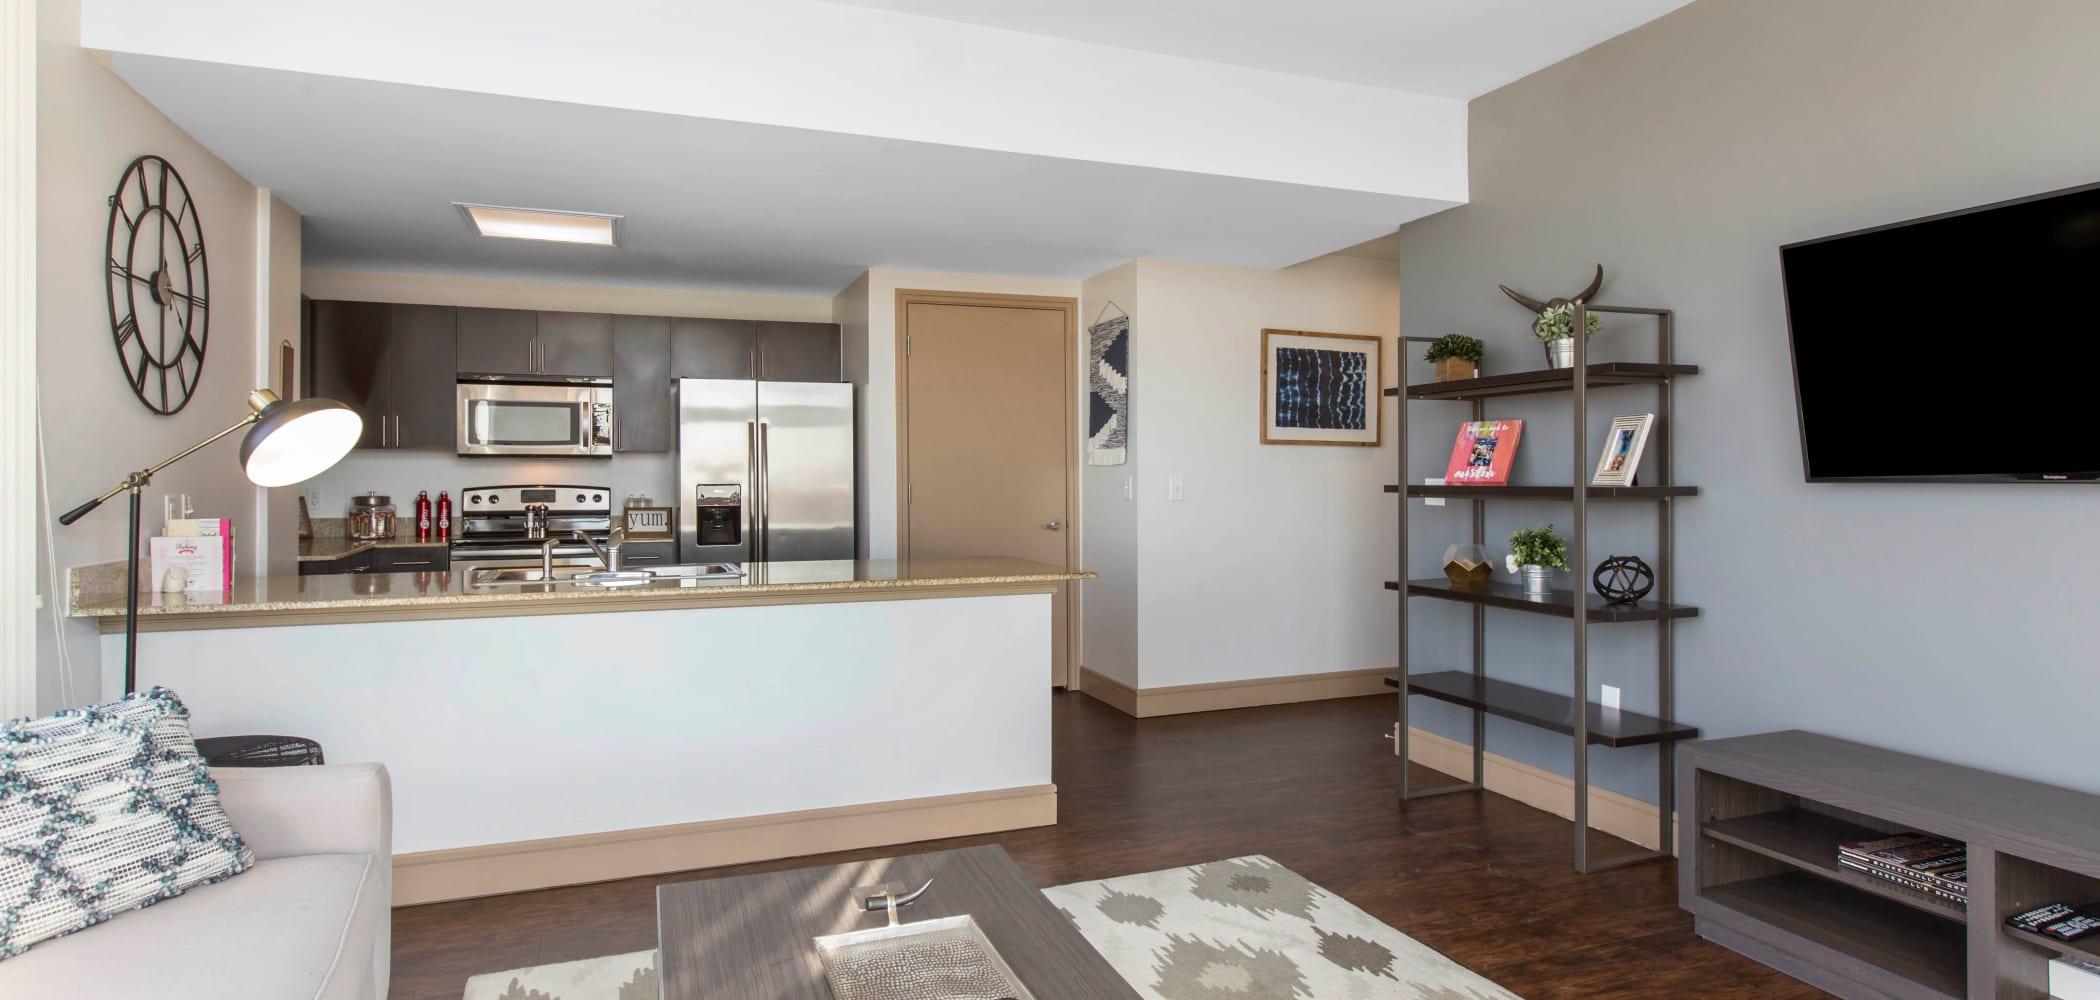 Open concept floor plan at 21 Rio in Austin, Texas